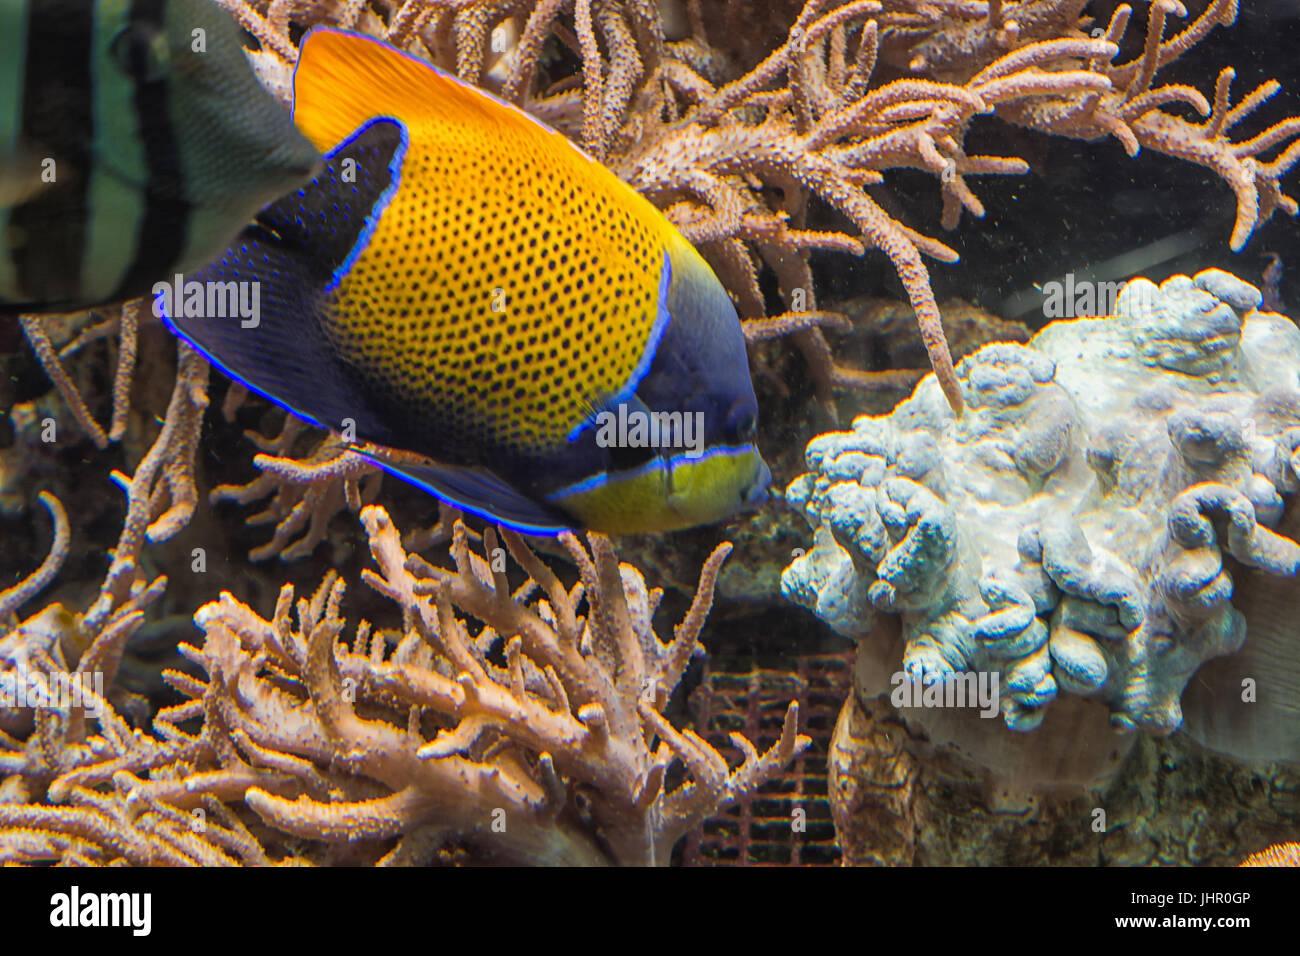 Filmación subacuática, en un acuario con peces y corales anémona de mar. Foto de stock